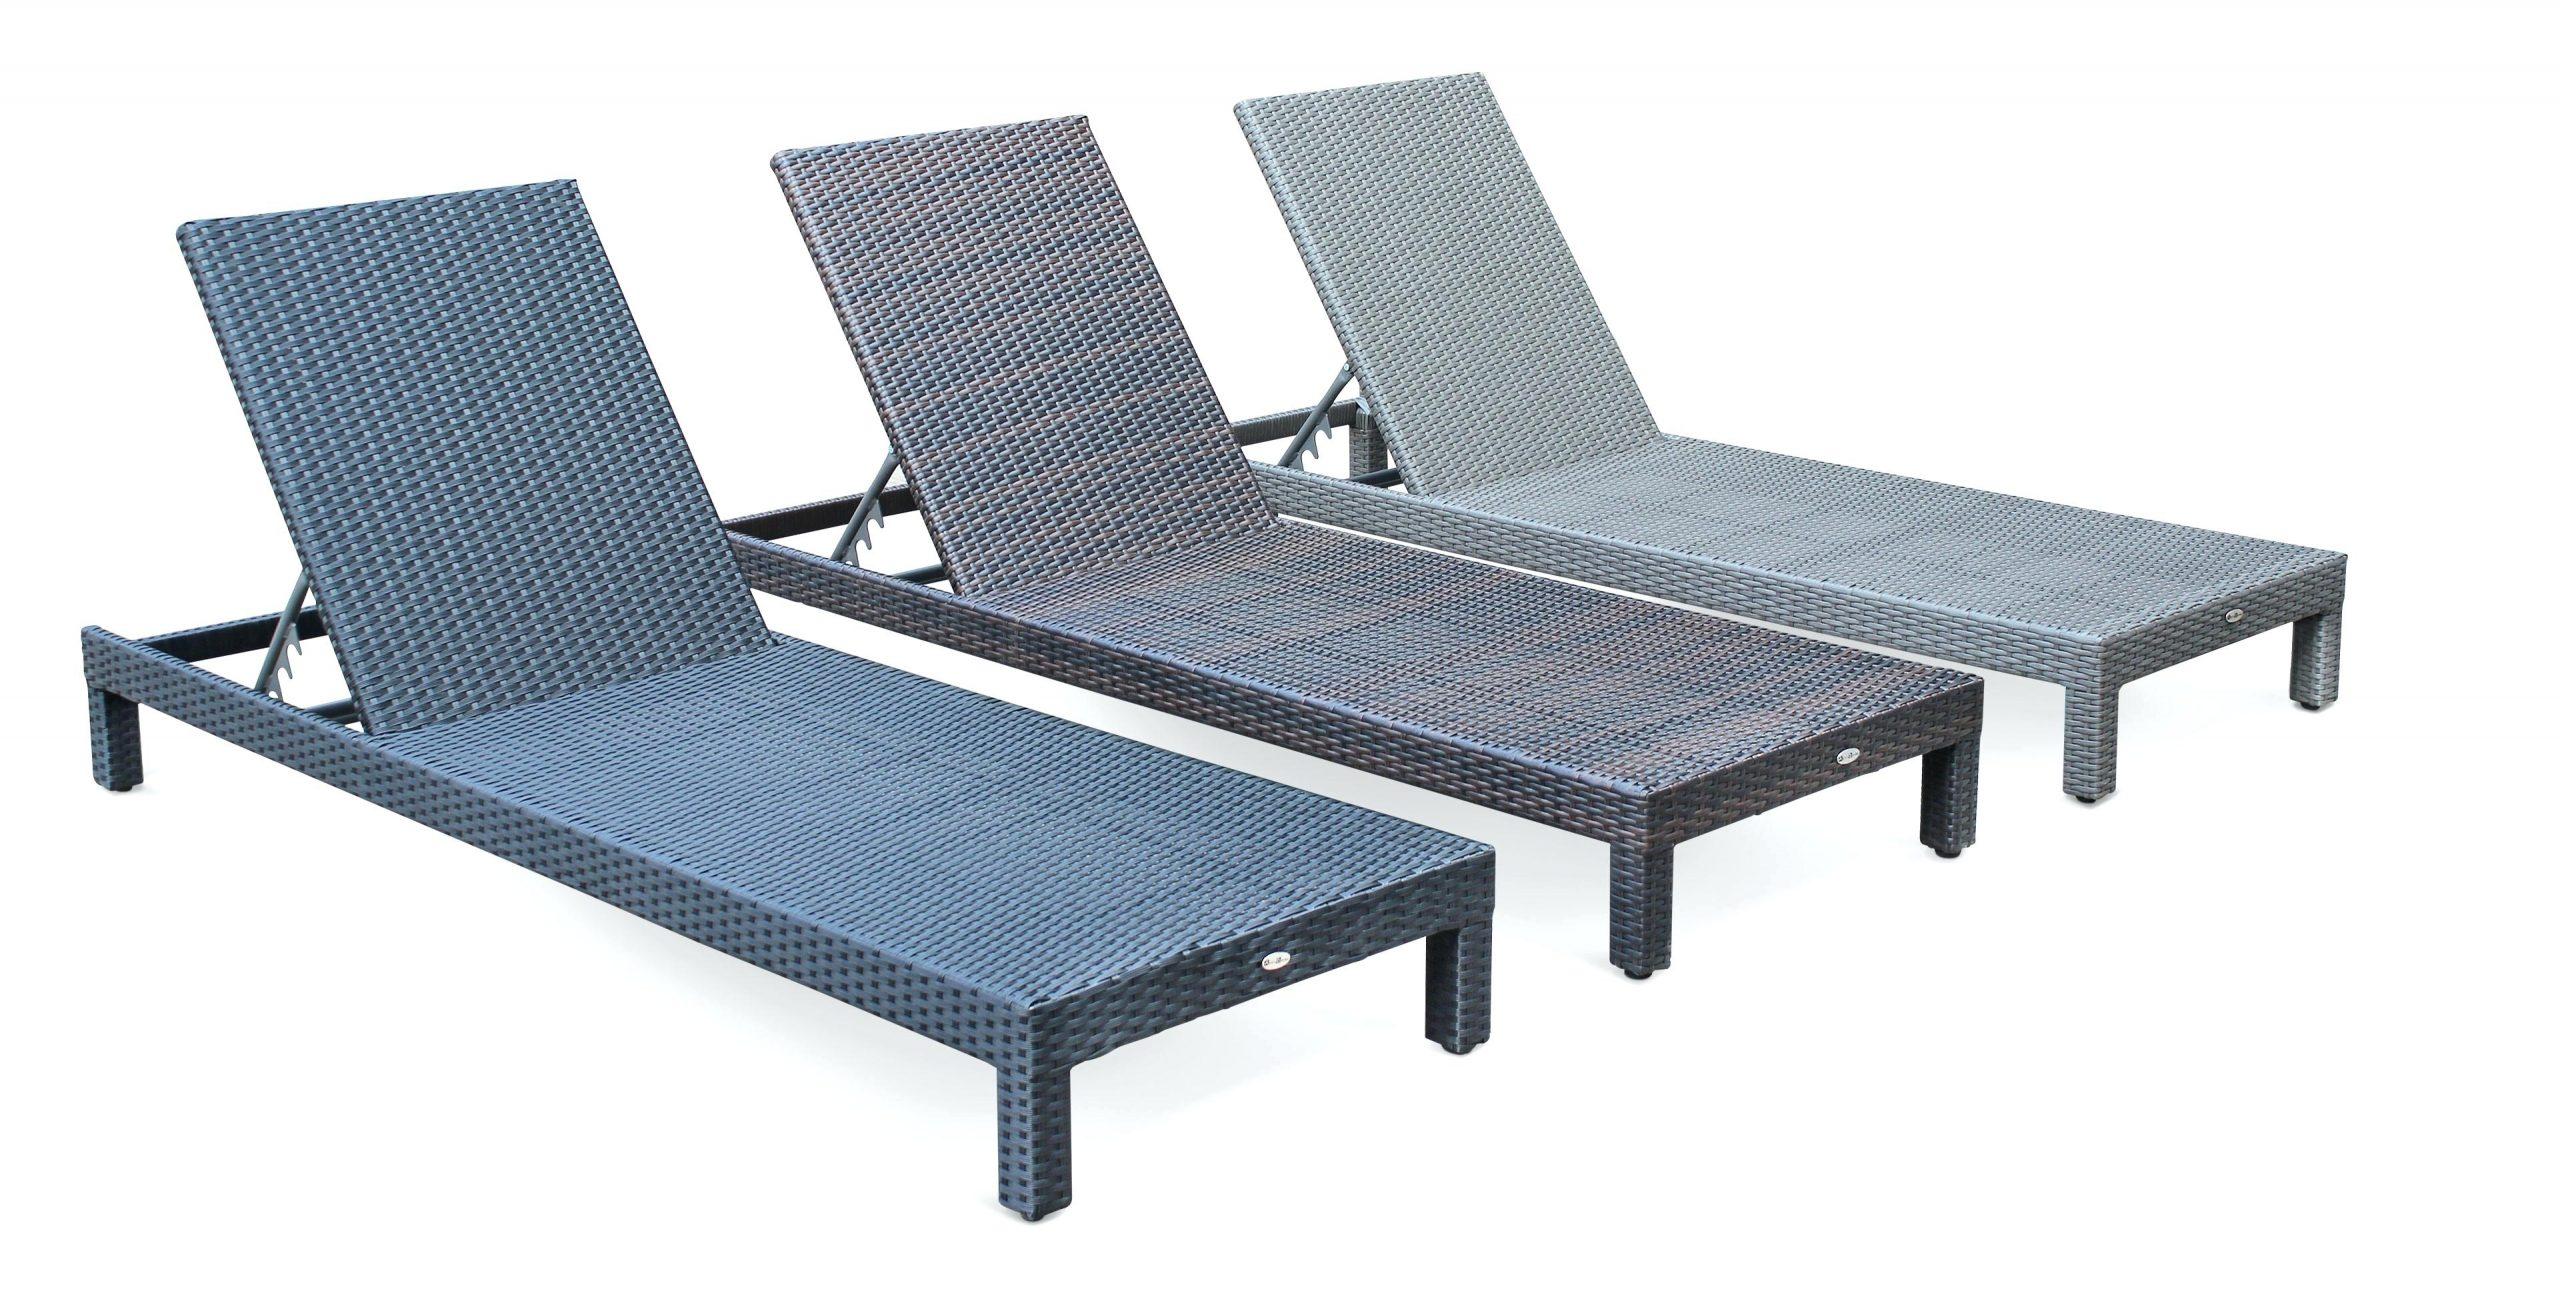 Transat Jardin Ikea Magnifique Chaise En Elégant Transat ... serapportantà Transat Jardin Ikea